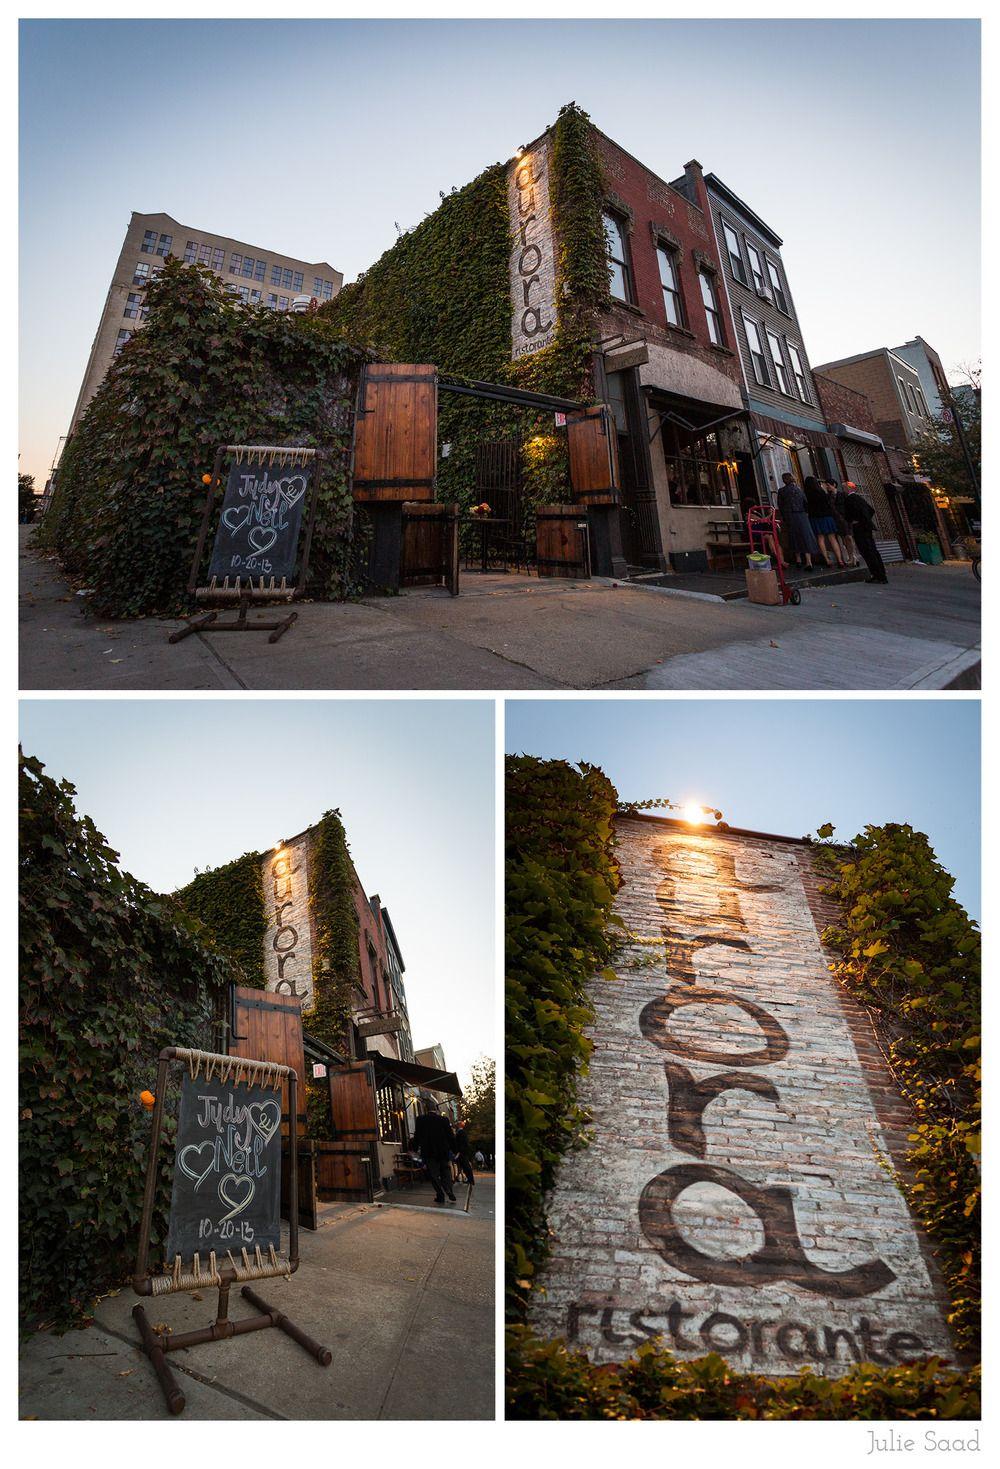 Wedding Venue Aurora in Williamsburg, Brooklyn (With